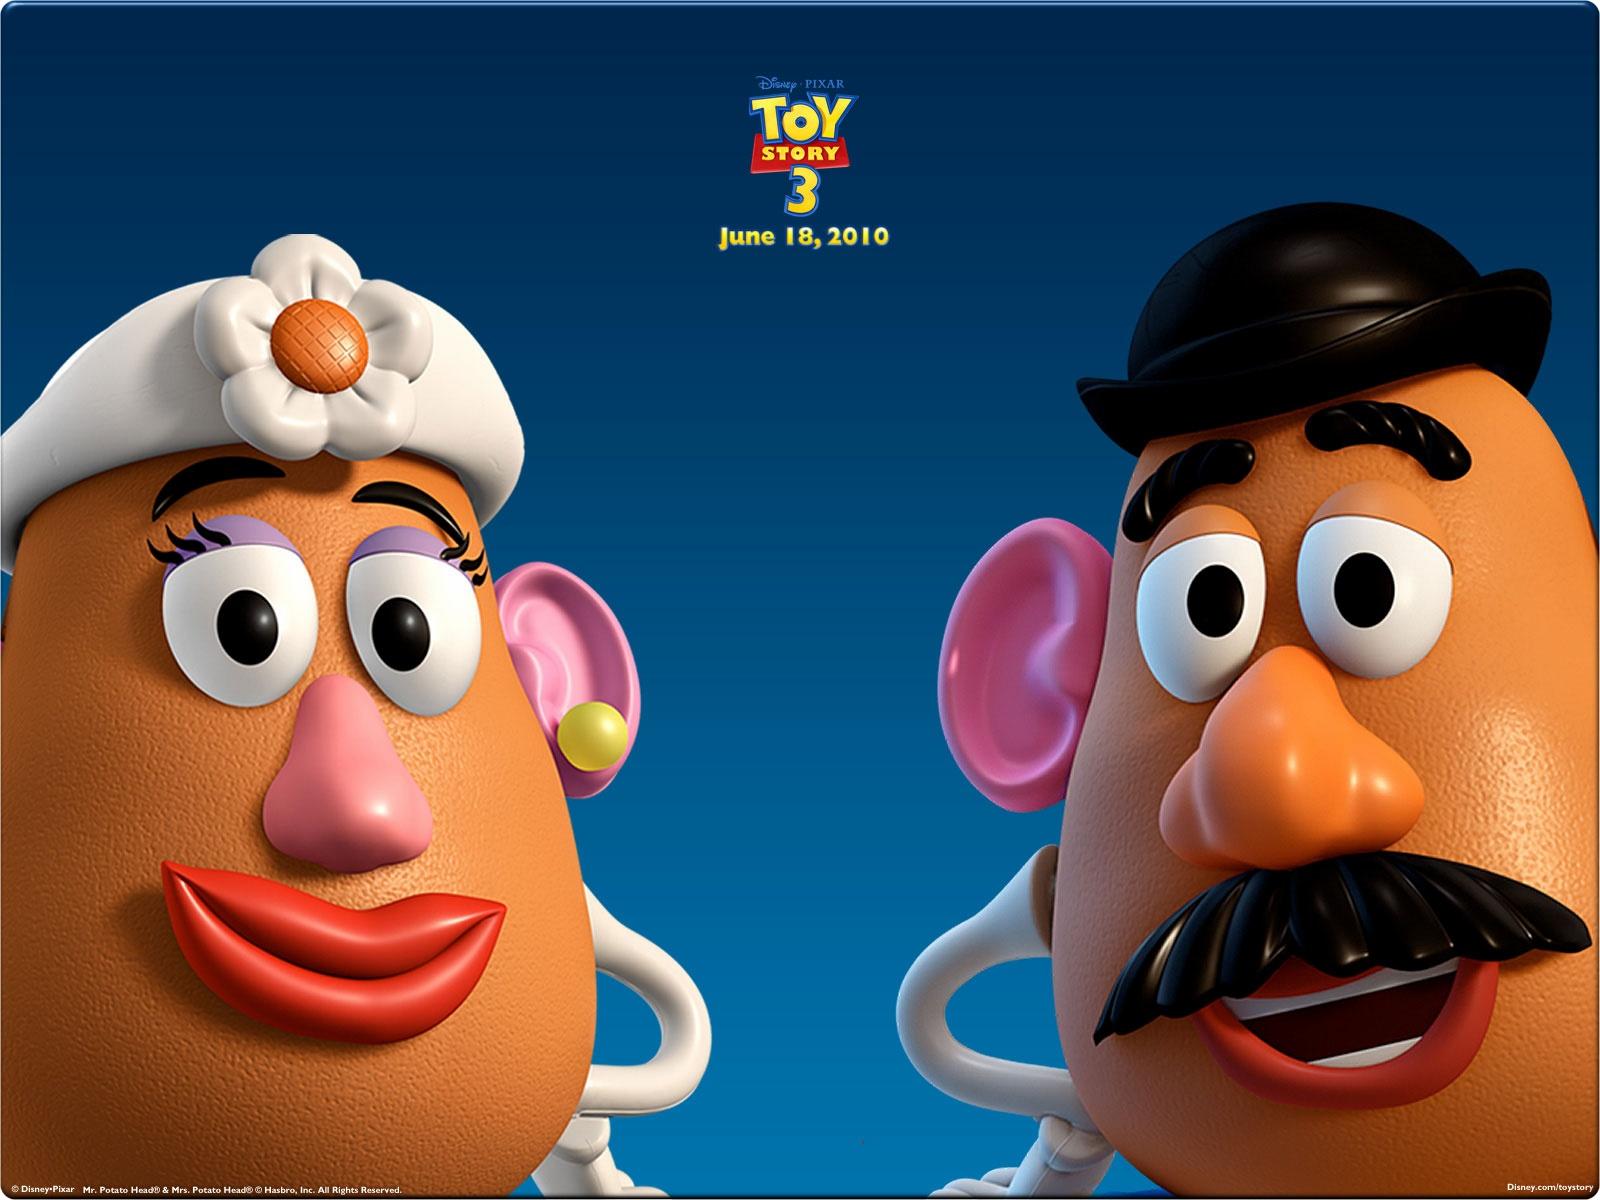 http://2.bp.blogspot.com/_a7z-B-EOElw/TCk8BG-6puI/AAAAAAAAA5U/rMwKJvsM4ts/s1600/Toy-Story-3-Wallpaper-gallery-1-7341.jpg